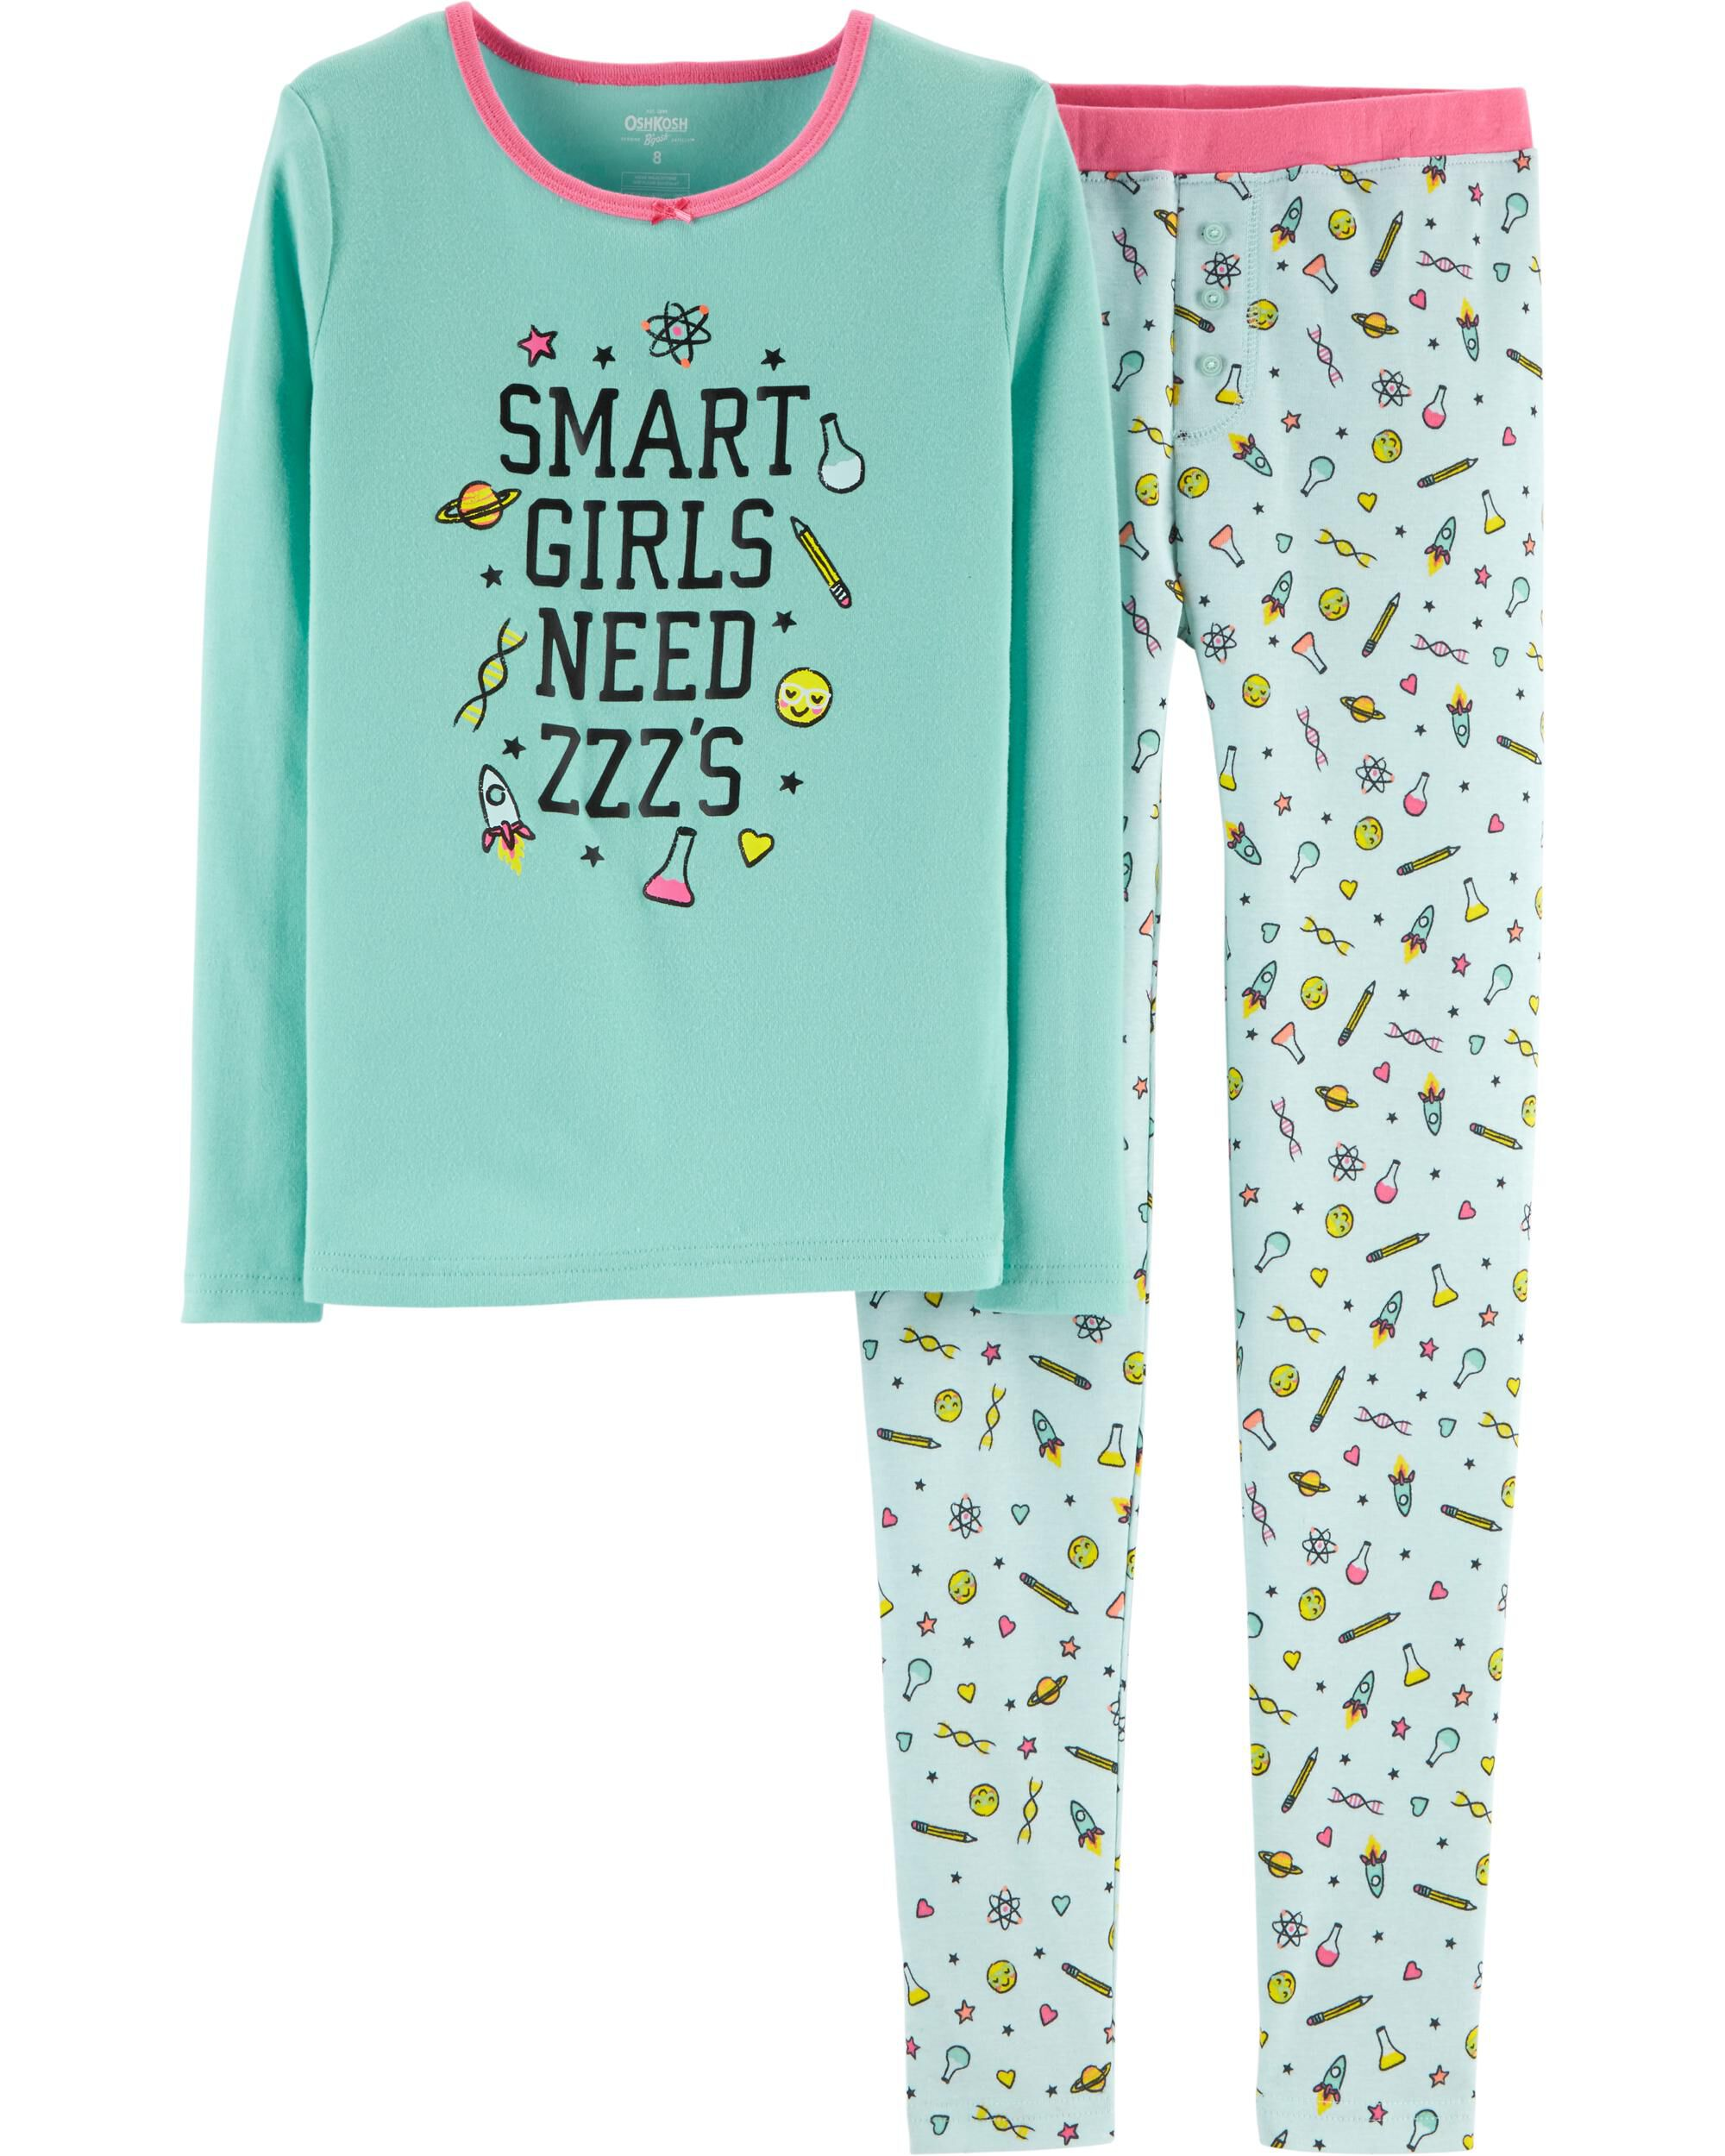 c038a71d050e Snug Fit Smart Girl Cotton PJs